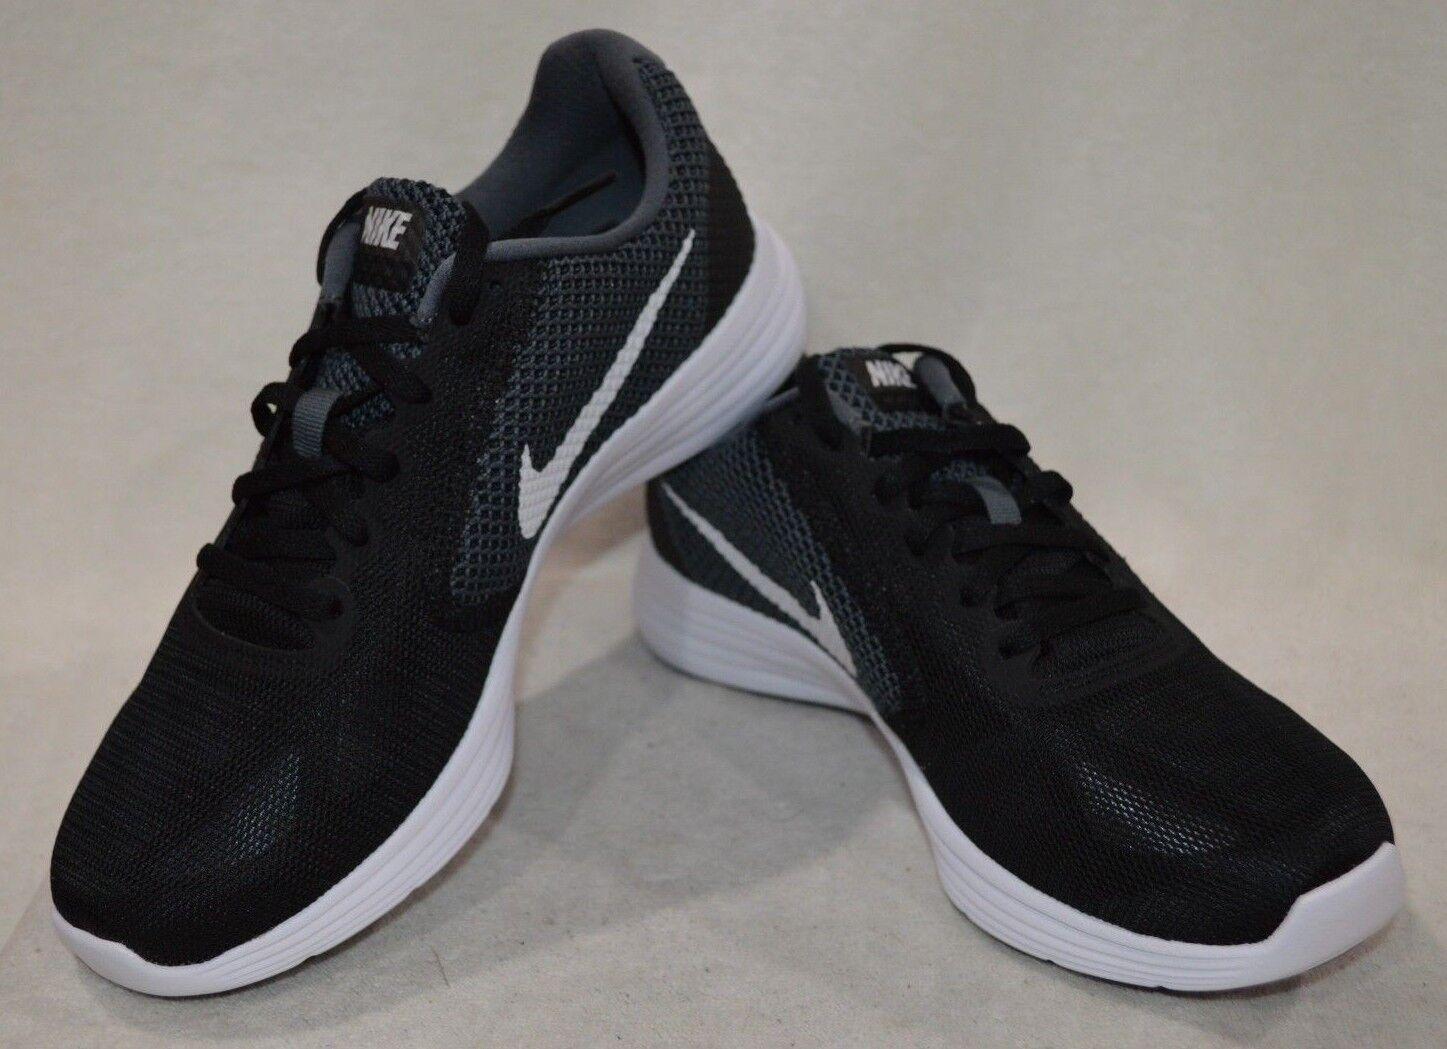 Nike Revolution 3 gris blancoo Negro para Mujer Zapatos Para caja Correr-tamaños surtidos Nueva con caja Para b6b126